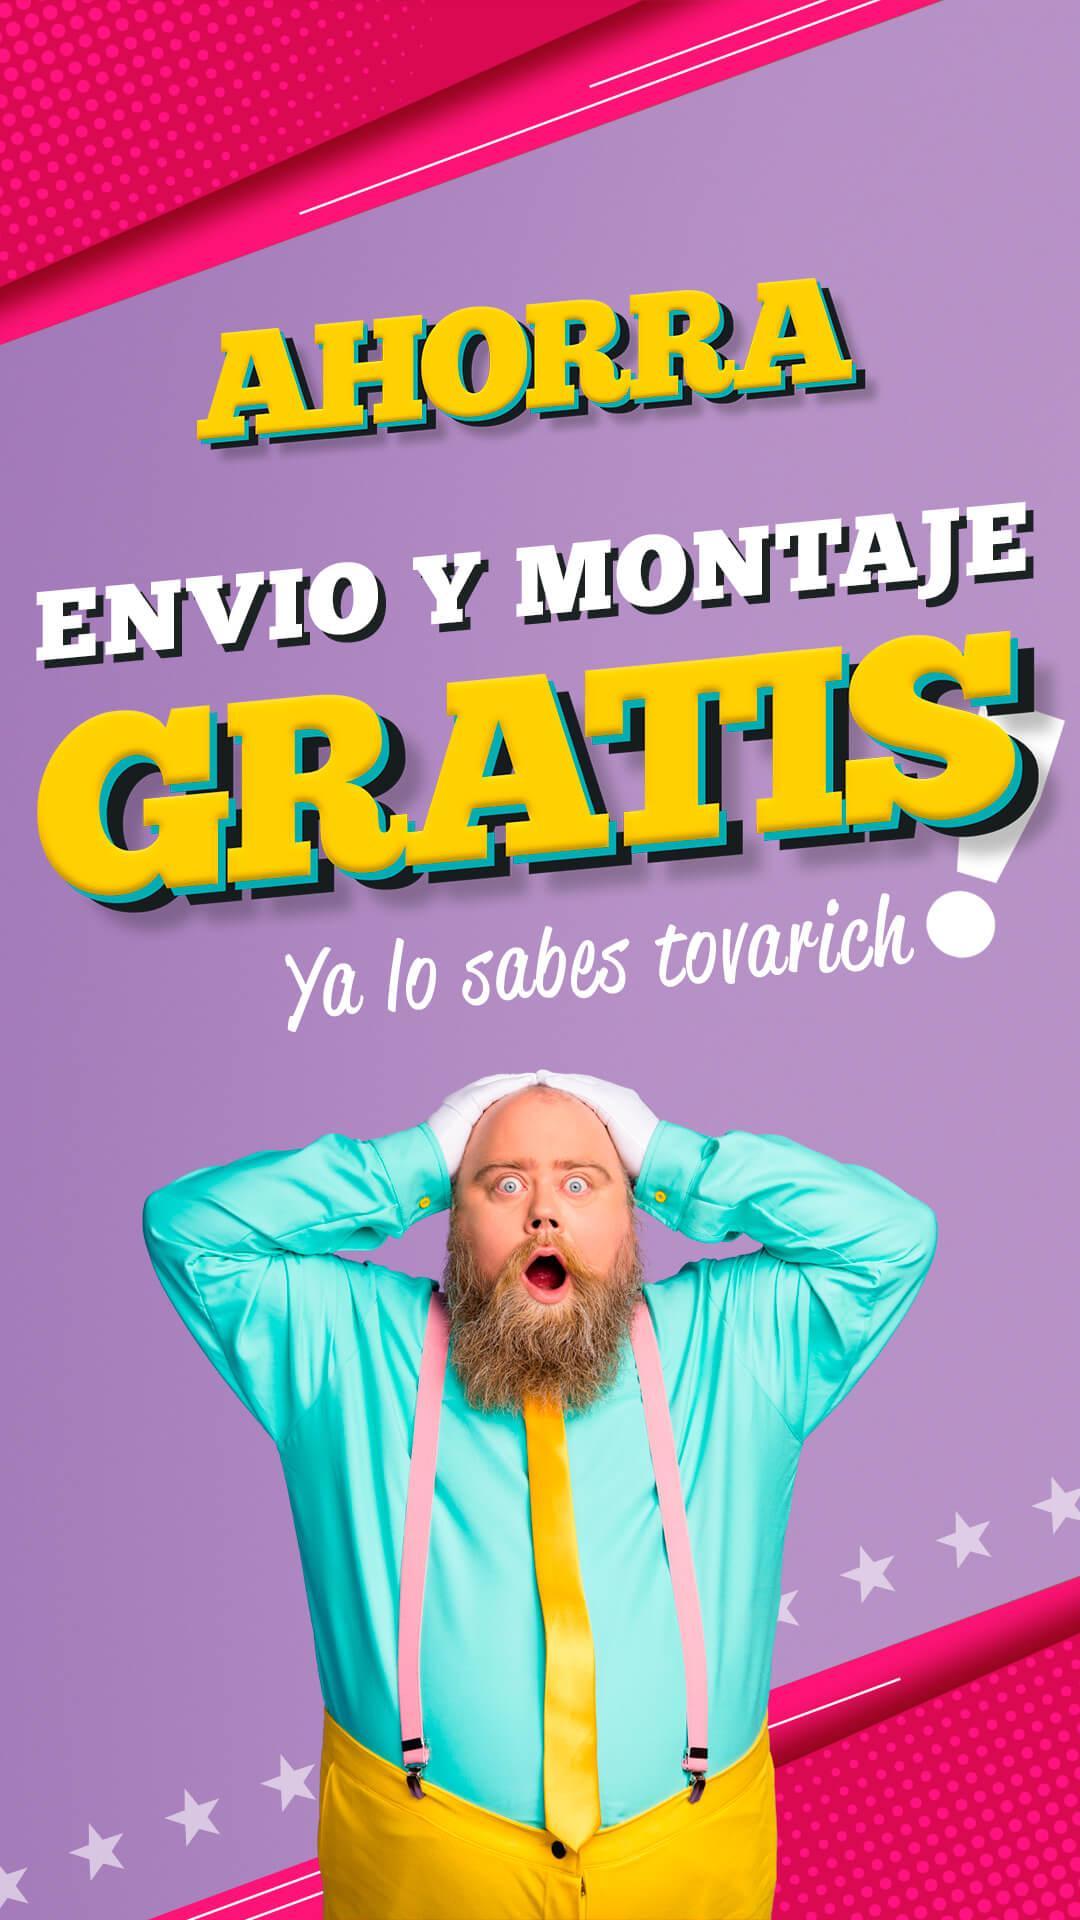 banner promo ahorra o nunca envio y montaje gratis LaTienda3Bs Vertical